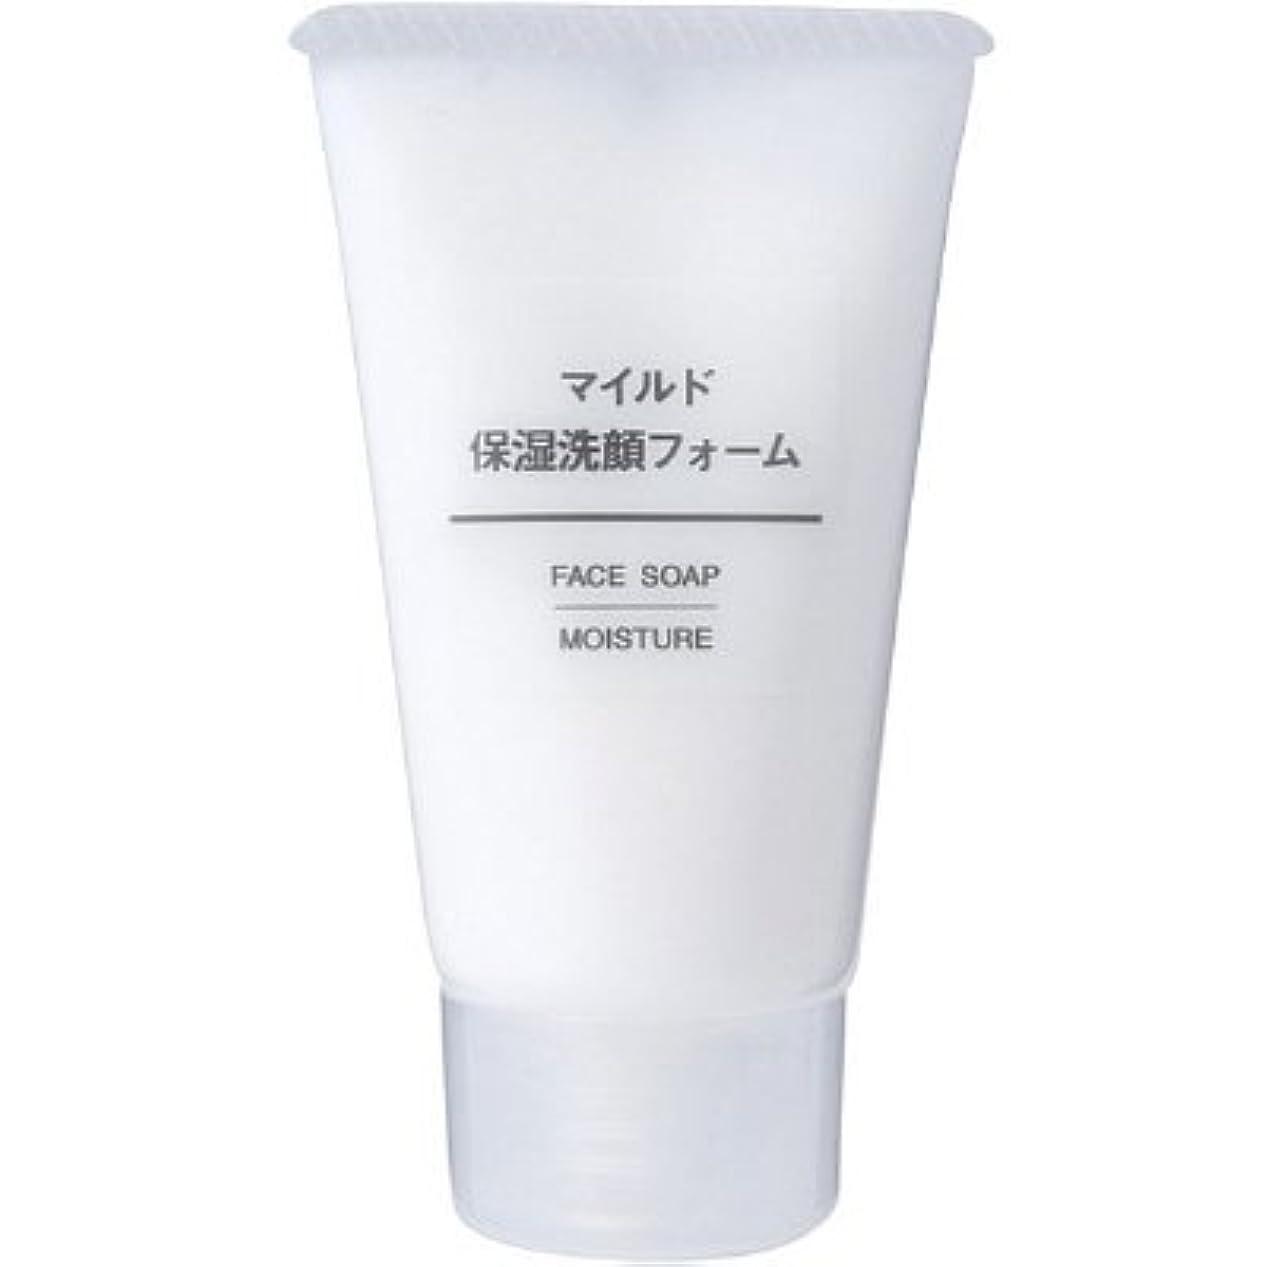 仮装是正落胆するマイルド保湿洗顔フォーム(携帯用) 30g 無印良品